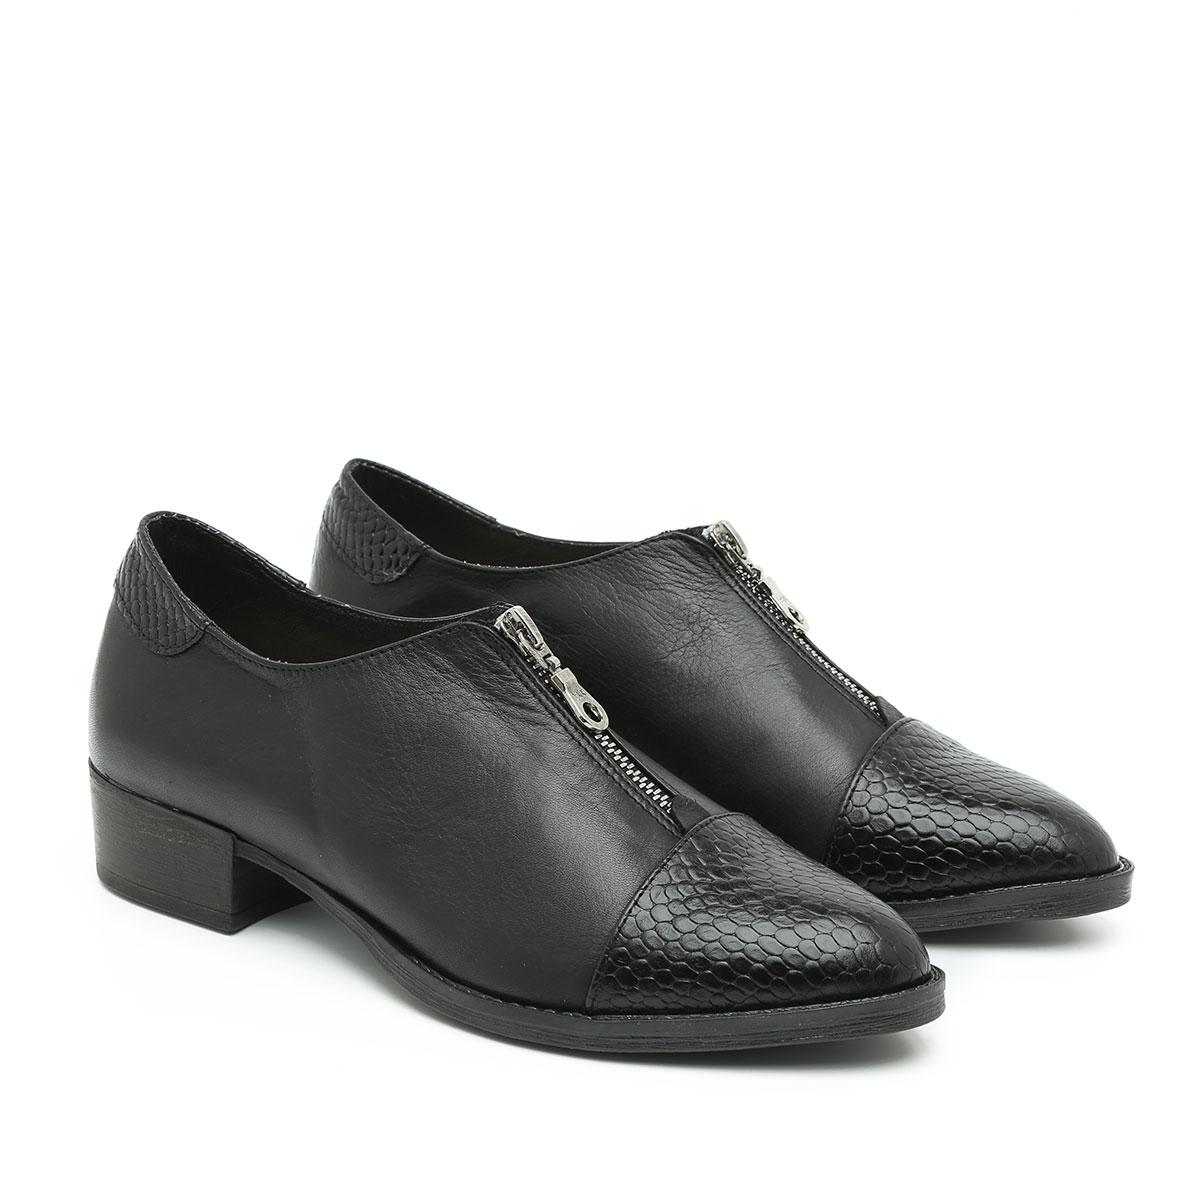 דגם ונקובר: נעליים בצבע שחור מנוחש